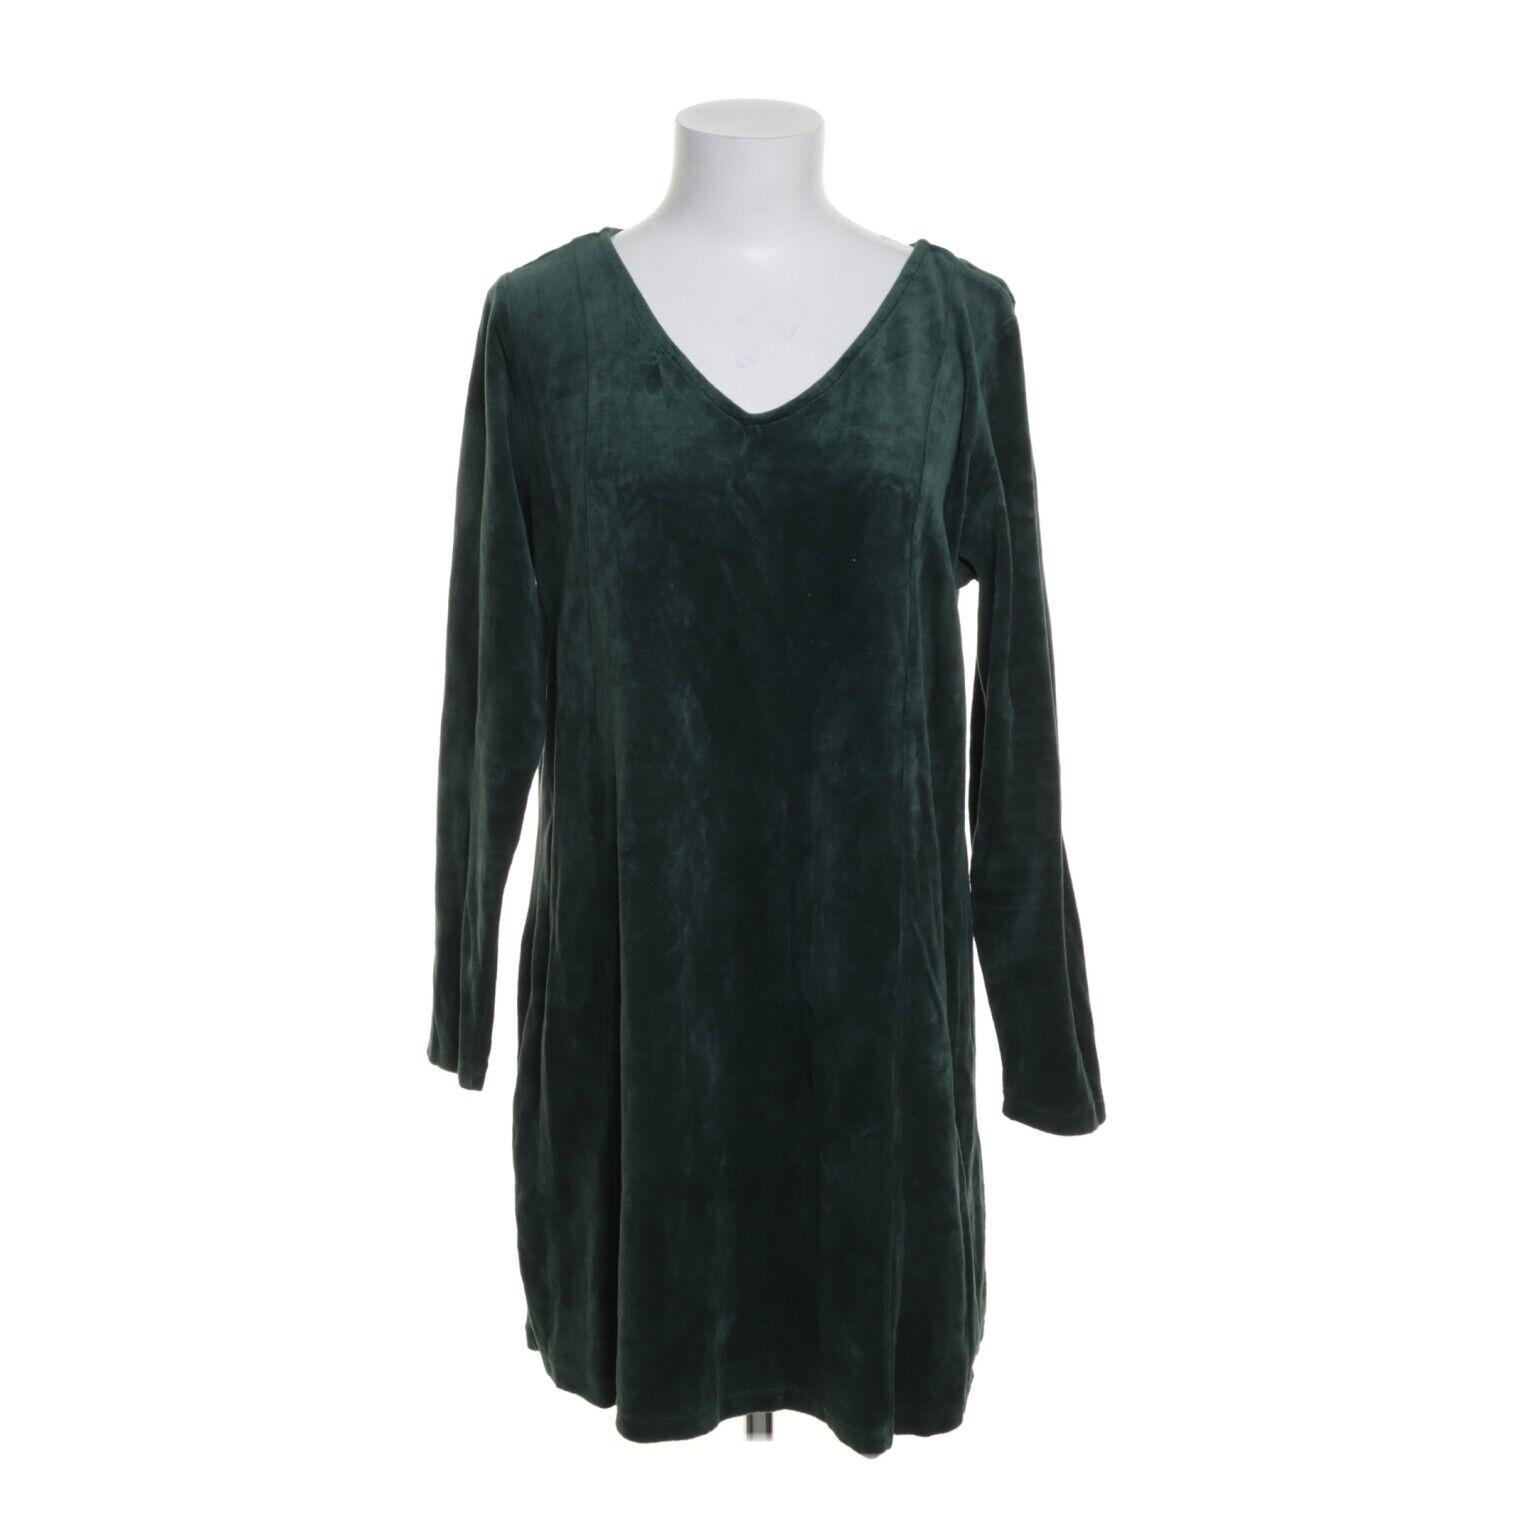 Indiska, Dress, Size: L, Green